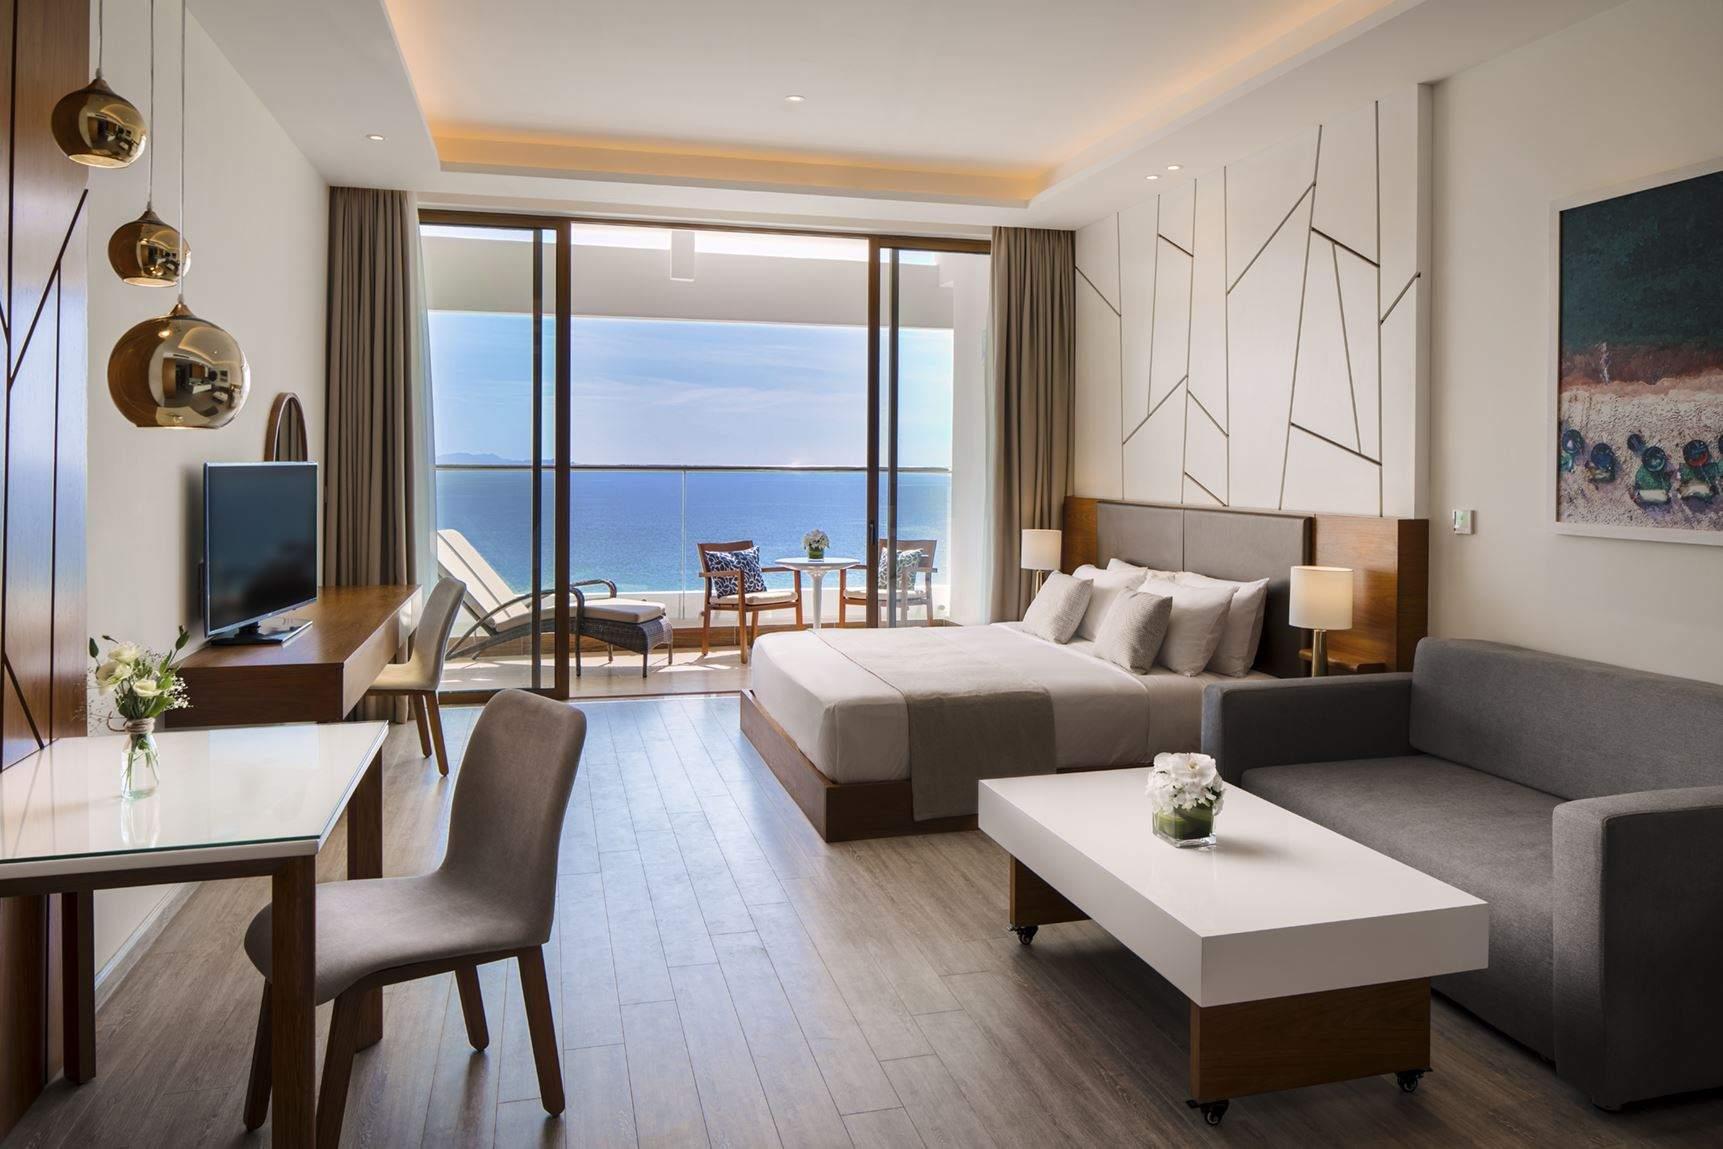 Phòng ngủ với view hướng ra biển xanh Nha Trang